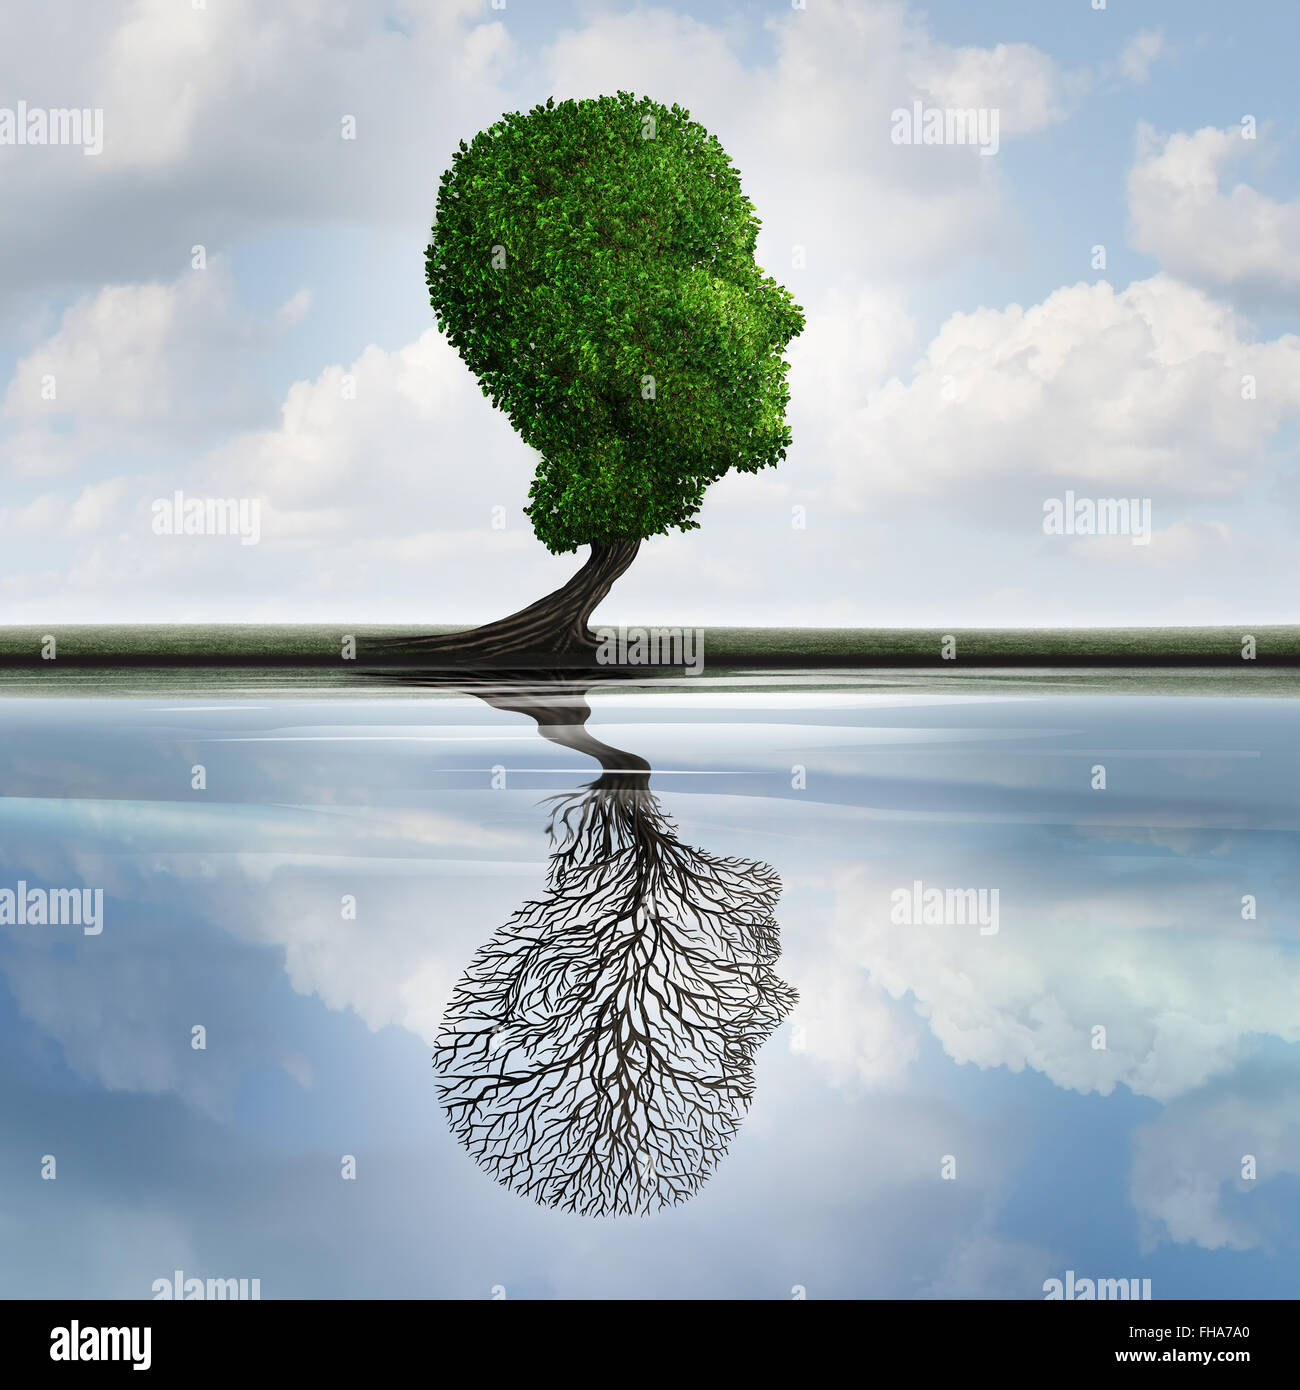 La dépression masquée concept et symbole des sentiments privés comme un arbre avec des feuilles en forme d'une tête humaine avec une réflexion sur l'eau avec une usine vide comme une idée de la psychologie interne pour visualiser des émotions cachées. Banque D'Images